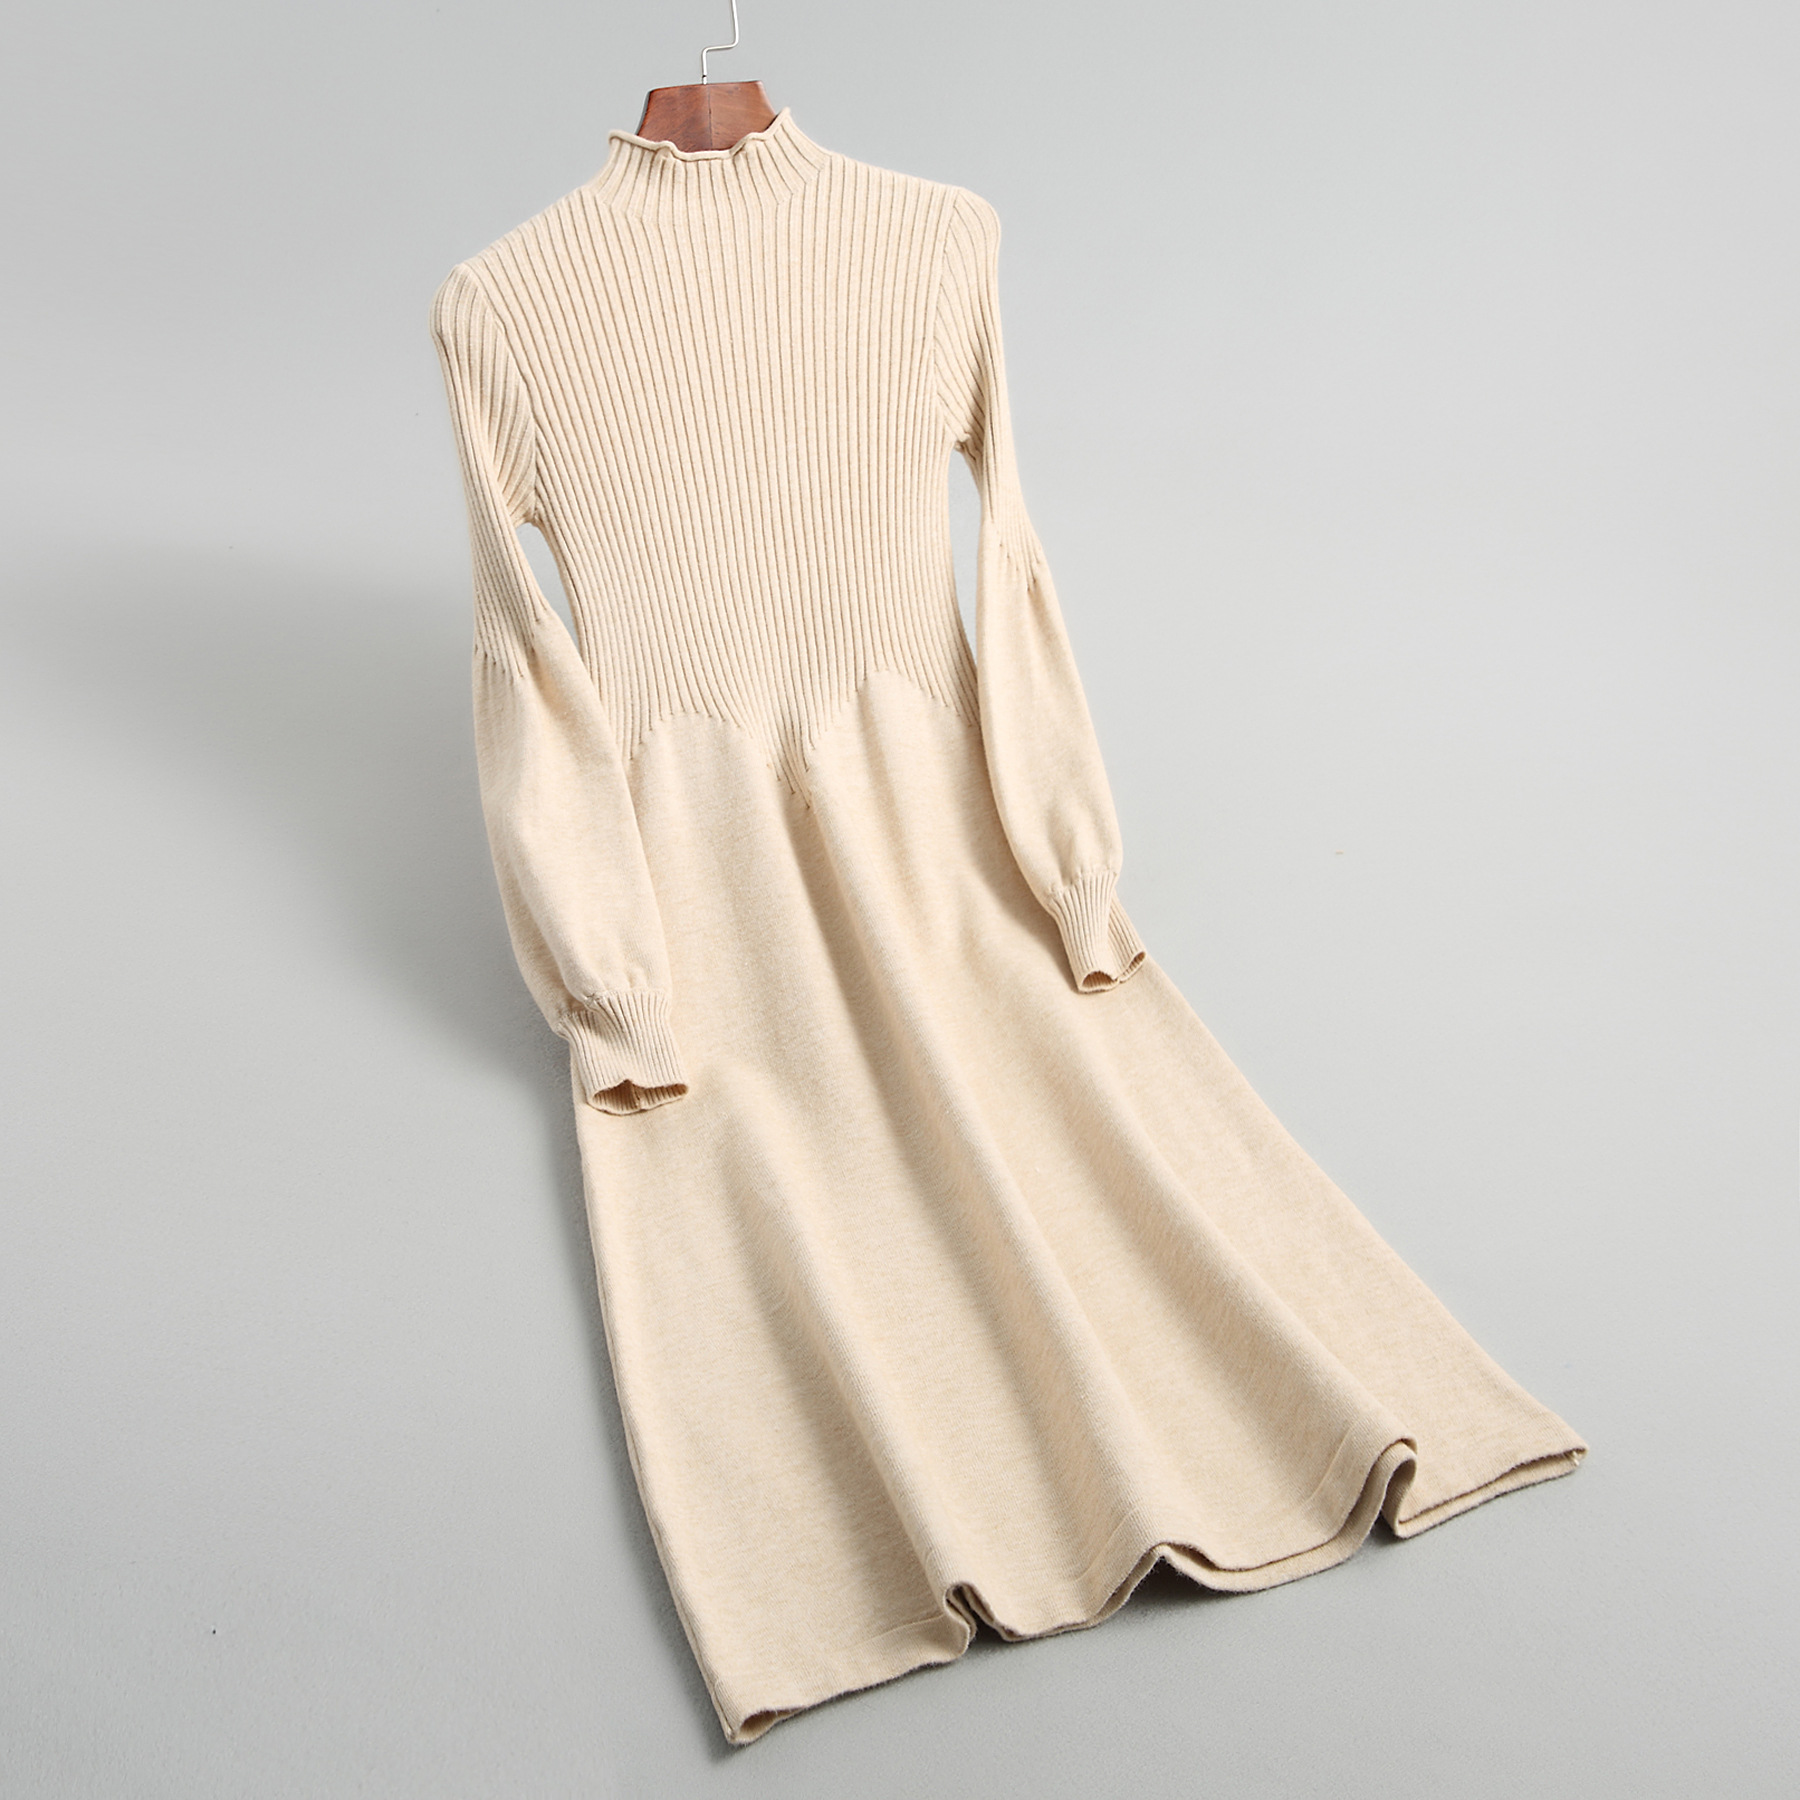 INNASOFAN dress Women s autumn winter knitted dress high waist Euro American fashionable dress with long